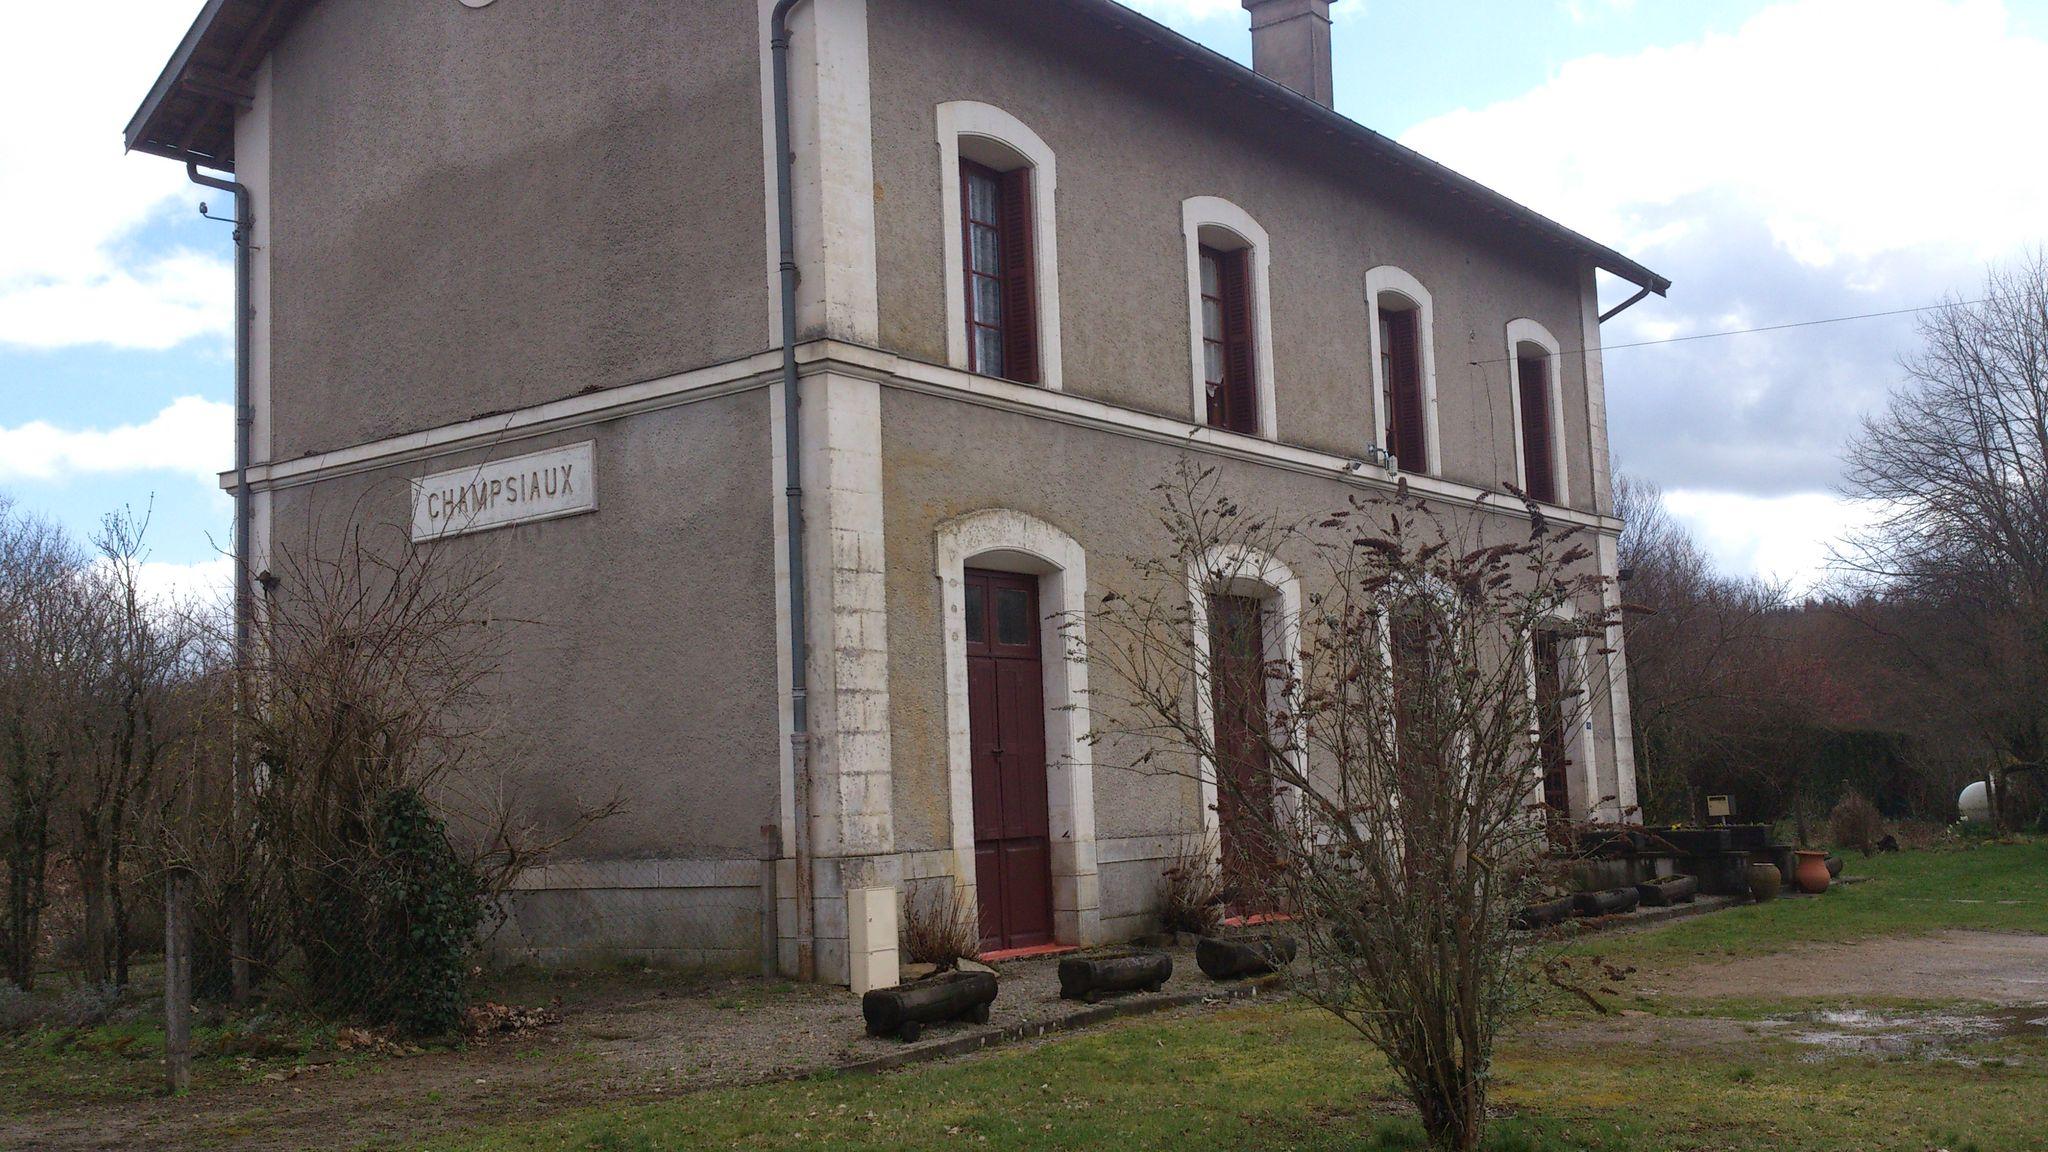 Champsiaux (Haute-Vienne)